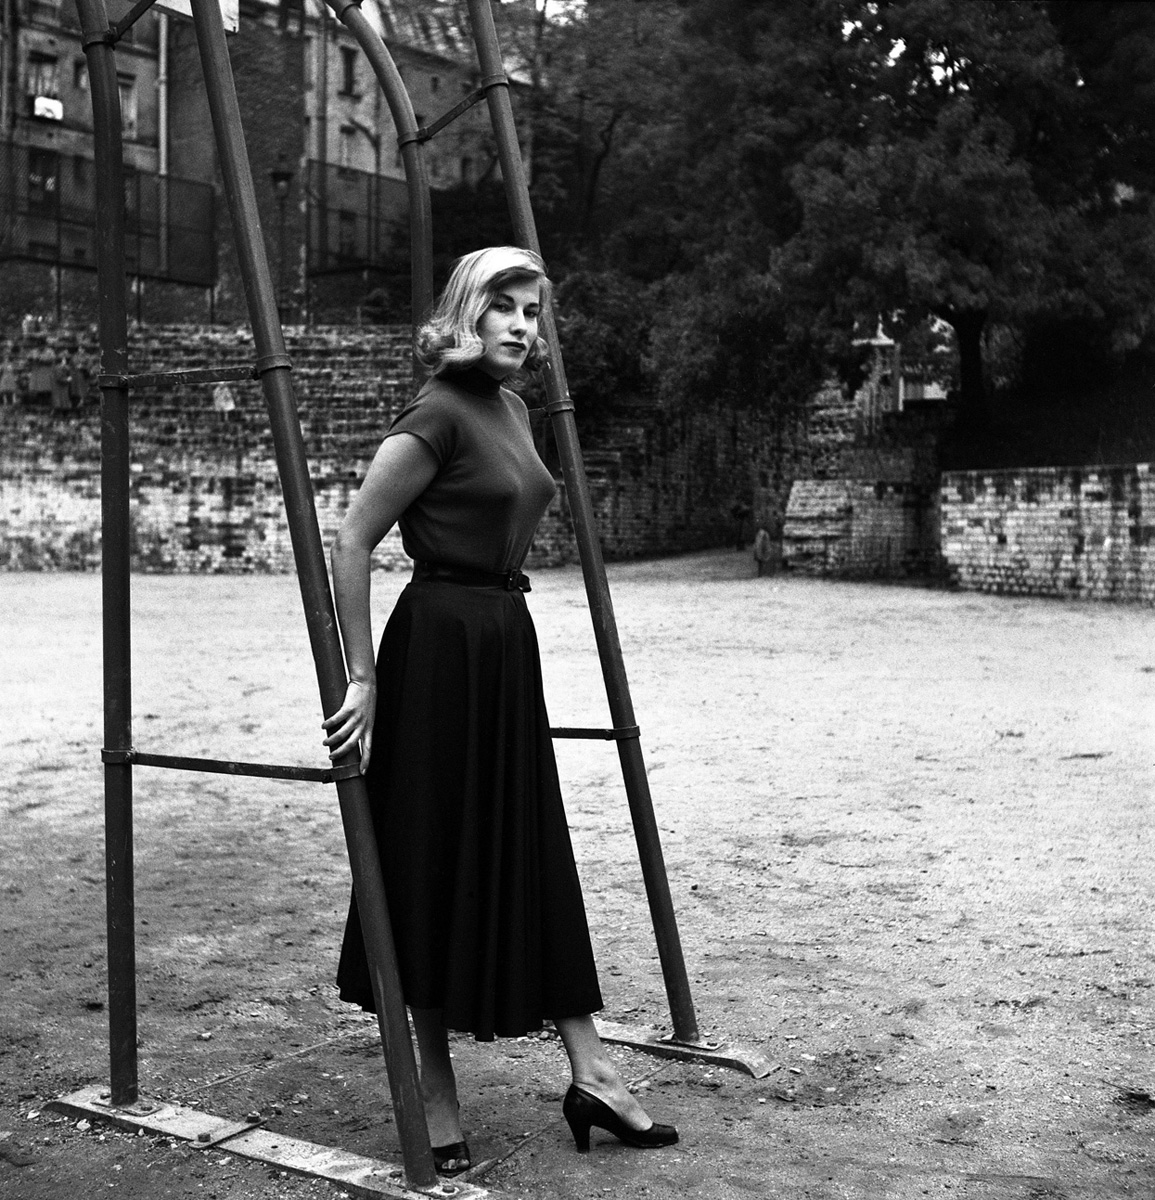 foto: Henny Riemens/MAI | Elly Overzier (eerste vrouw Hugo Claus) in Parijs bij speeltuinrek